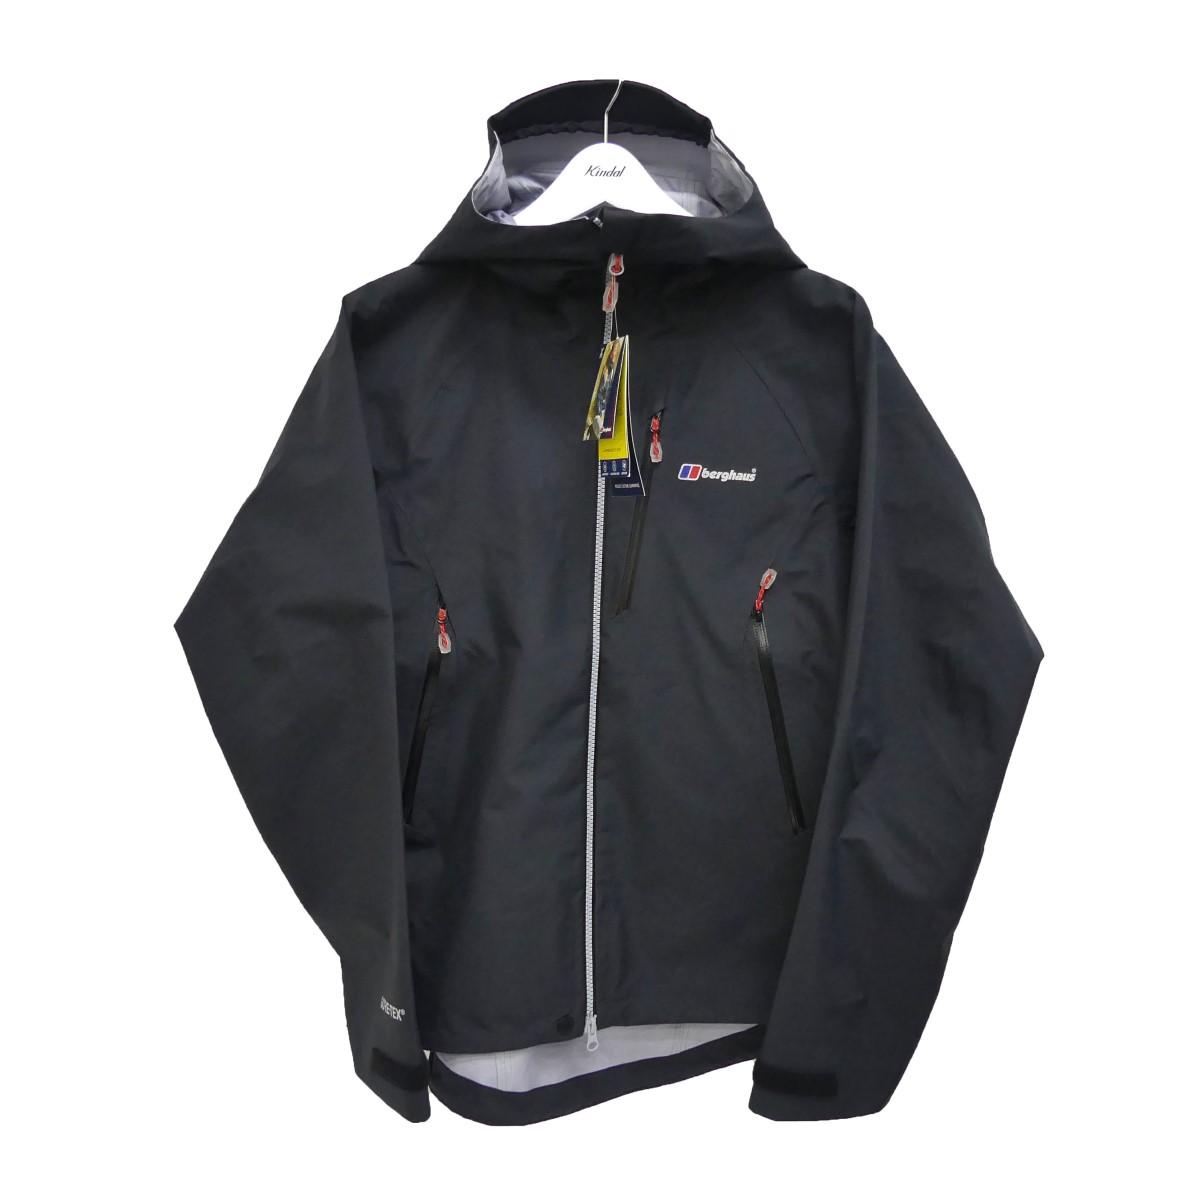 【中古】berghaus EXTREM 5000 PZ JACKET エクストレムジャケット ブラック サイズ:L 【250620】(バーグハウス)